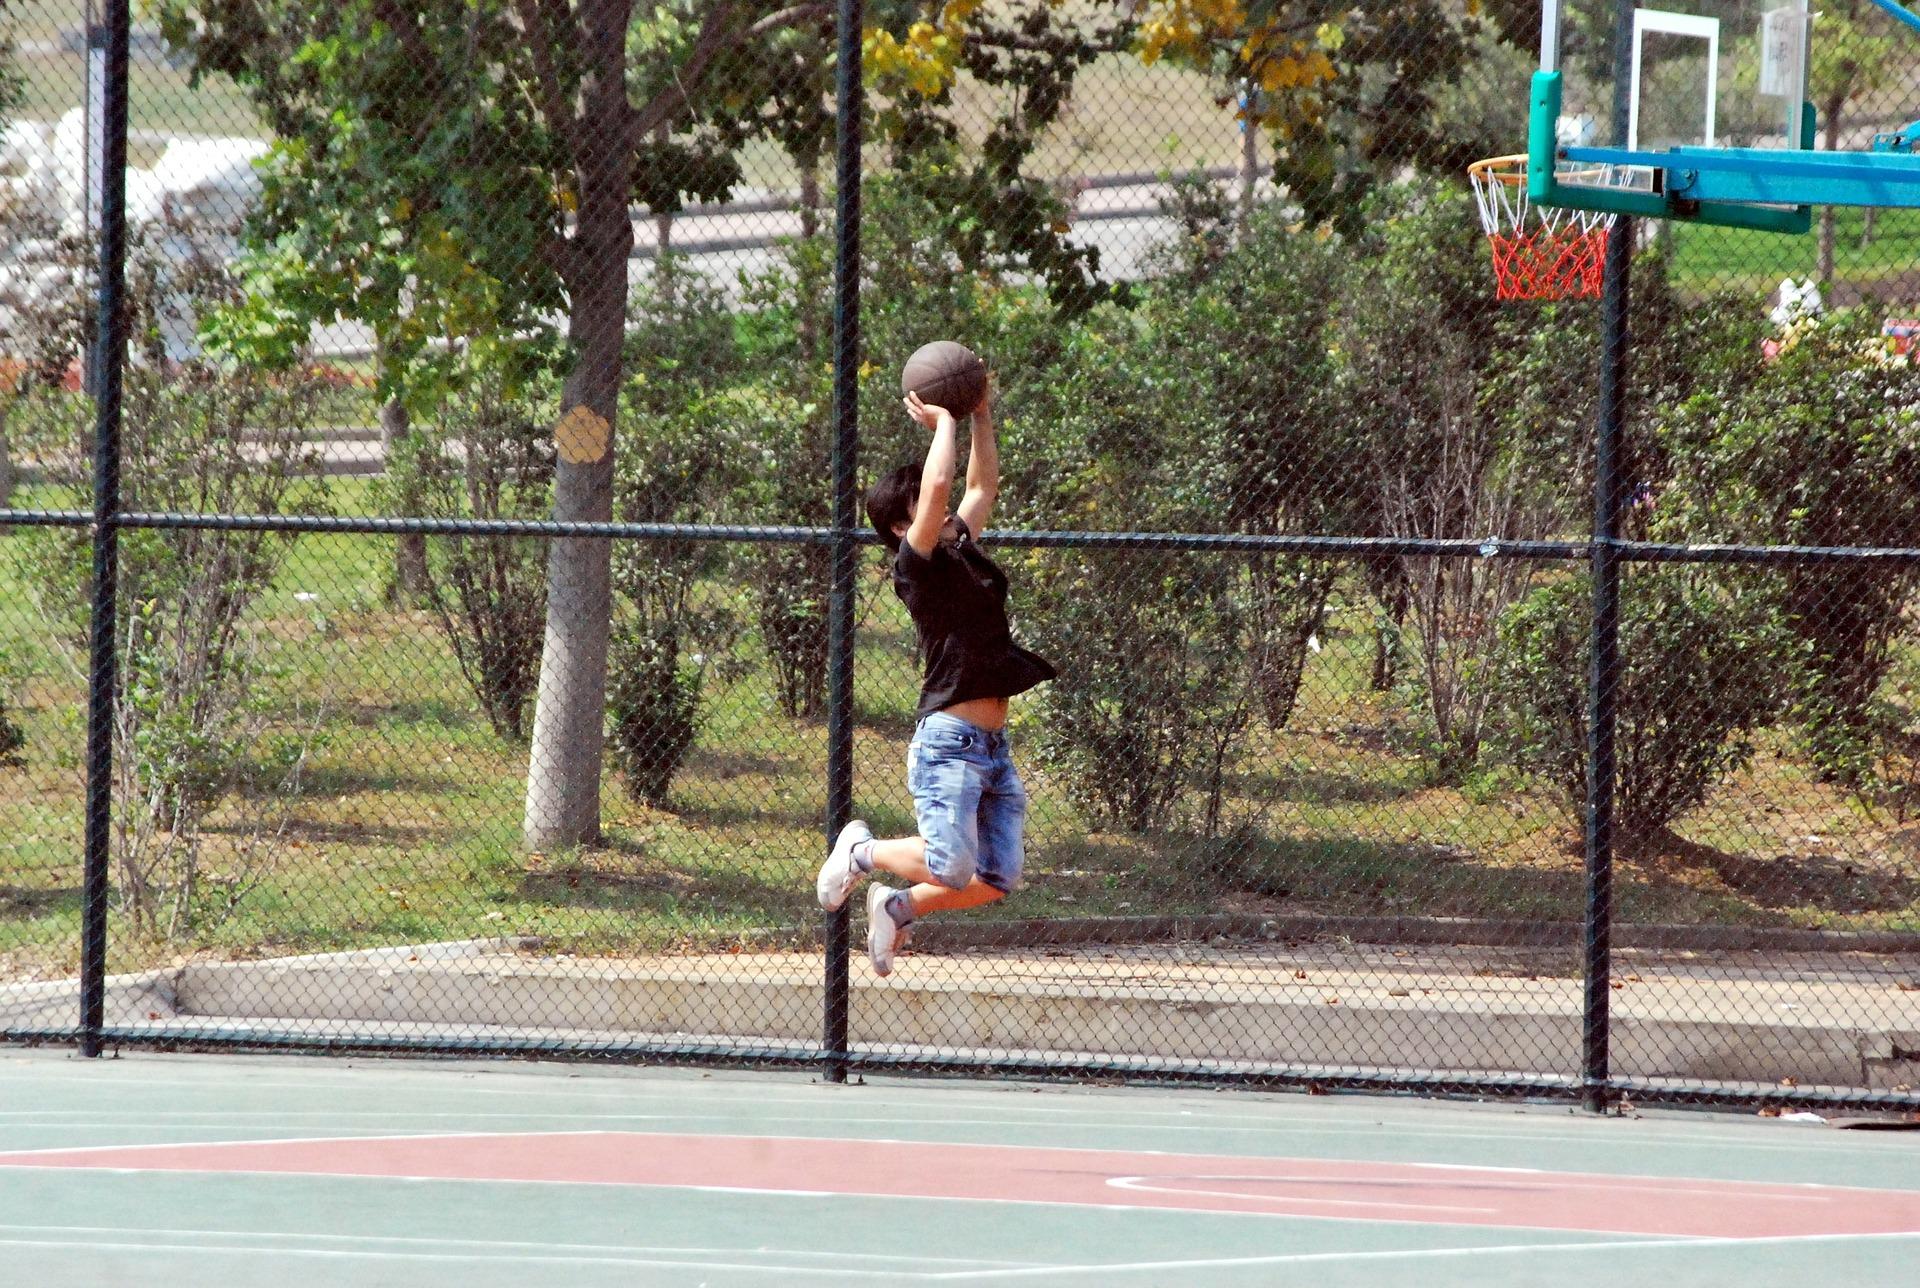 Reglementăm conditiile în care copiii vor face sport în curtea școlii  în afara orelor de curs